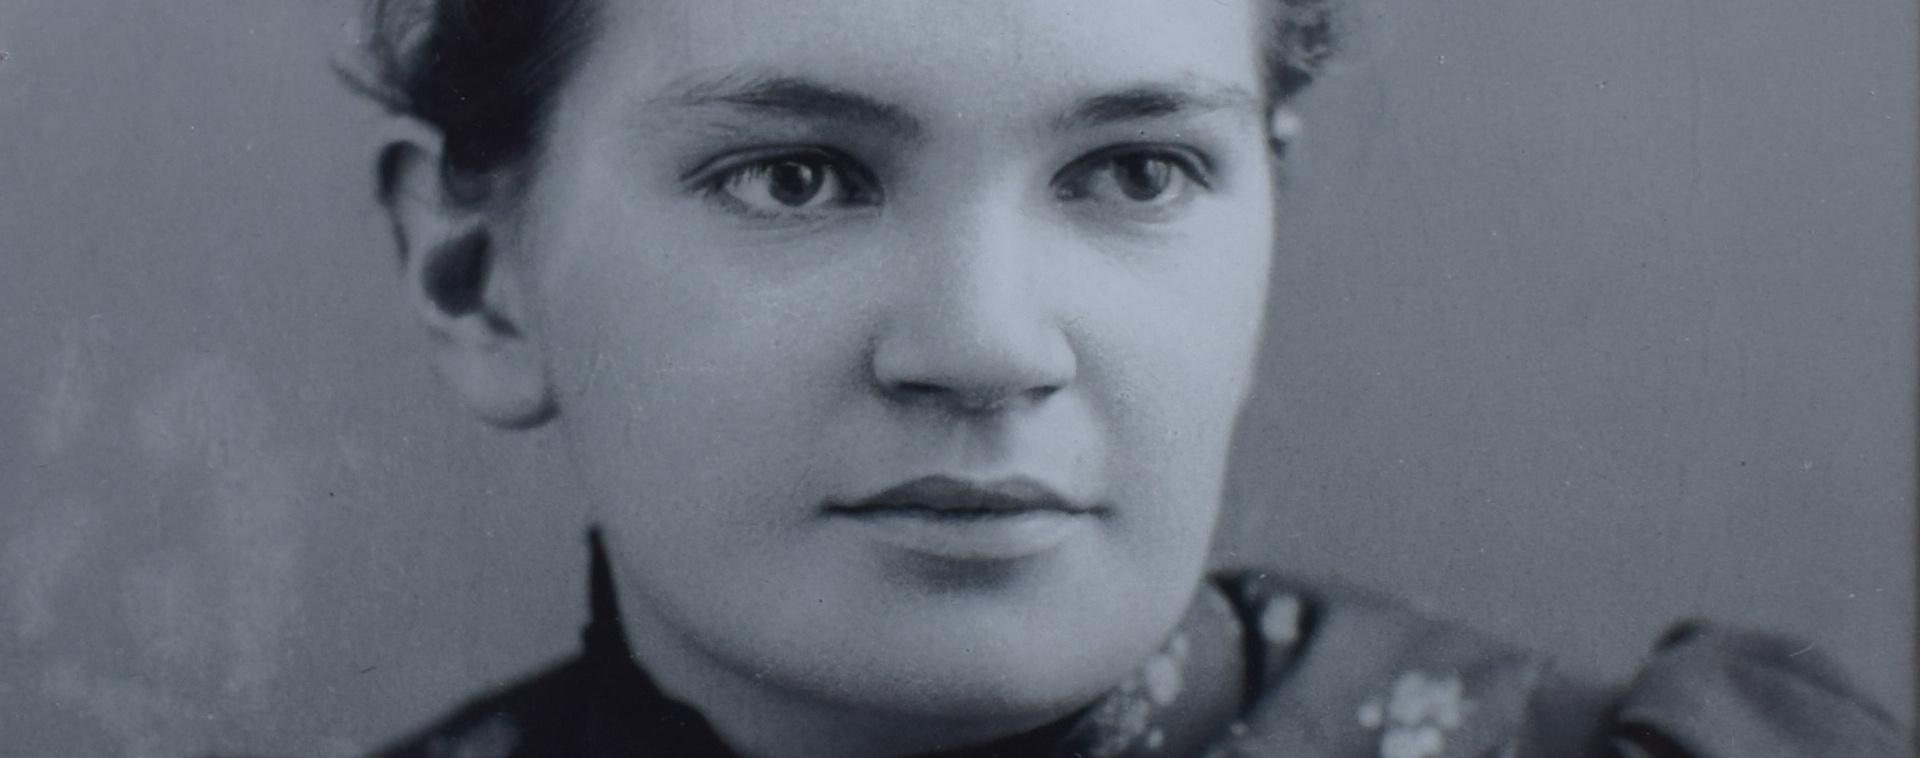 Photographie montrant le visage de la docteure Maude Elizabeth Abbott en gros plan panoramique. Elle est jeune et porte une robe à fleur. Son regard est perçant. Elle sourit paisiblement. Elle a 22 ans.